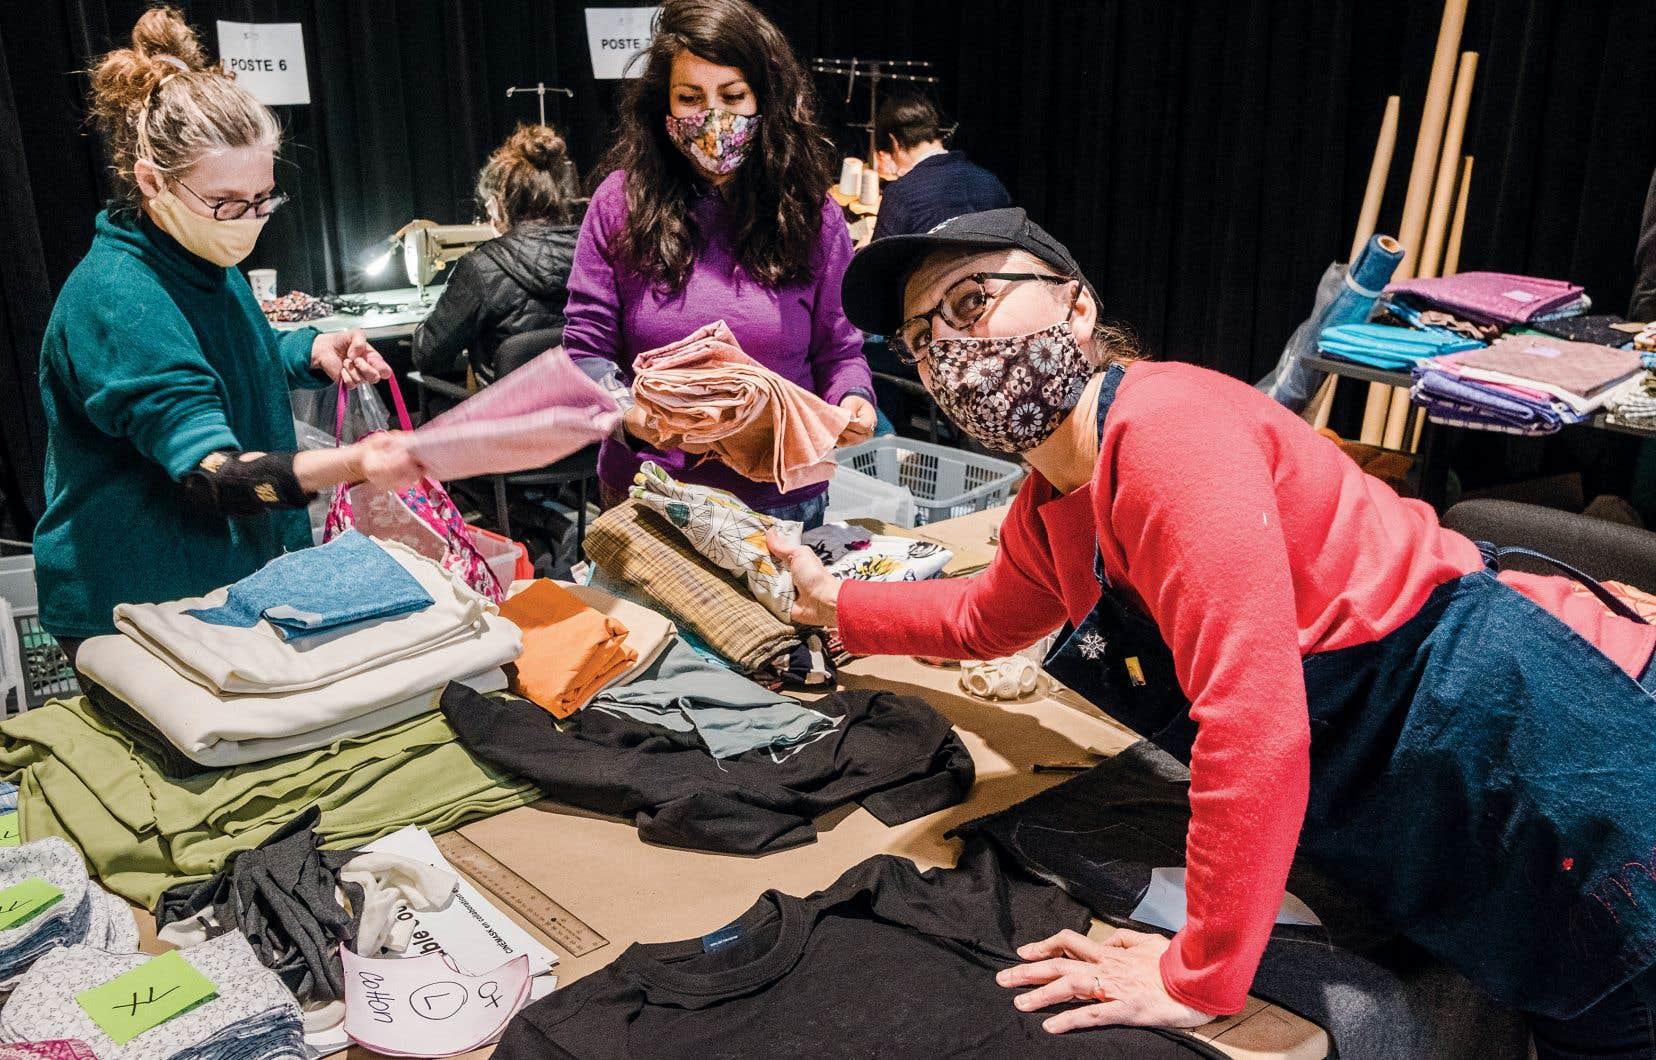 La costumière Simonetta Mariano (à droite) dans son atelier, avec des bénévoles à l'oeuvre. Elle a lancé une initiative de fabrication de masques qui réunit des artisans du milieu cinématographique québécois.